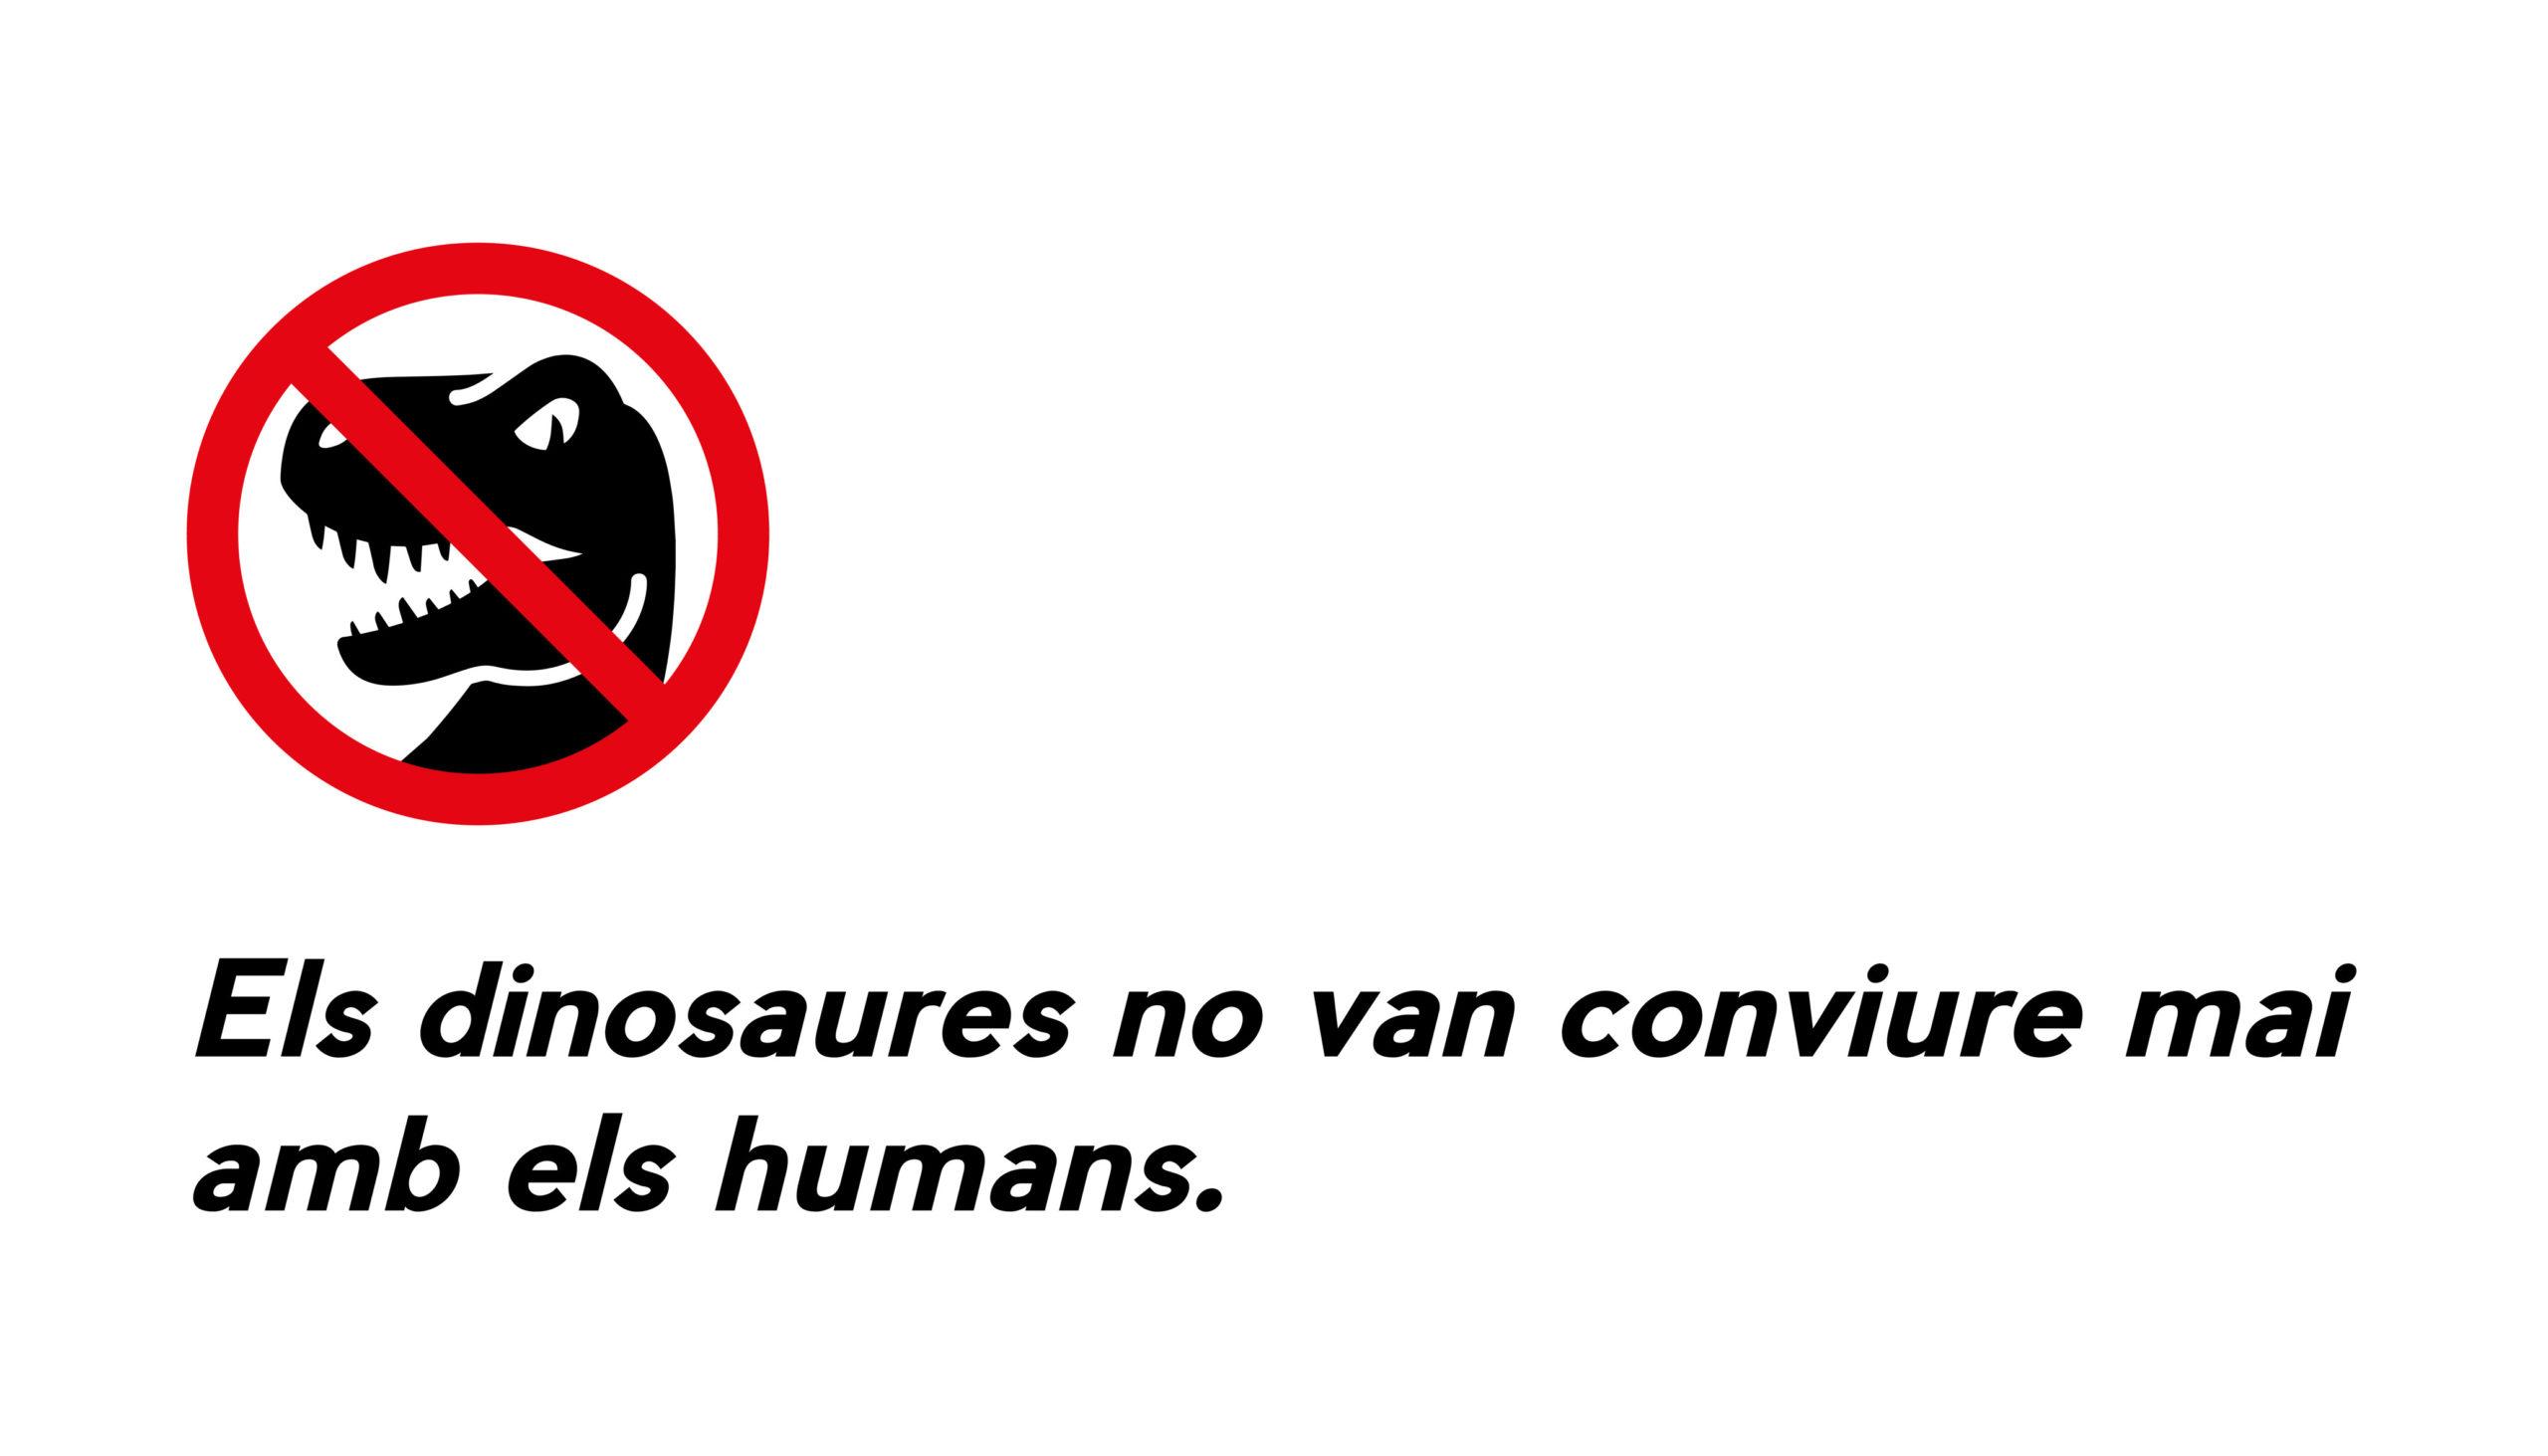 dinosaure alt penedes angels pinyol disseny grafic scaled - ABANS DE LA VINYA - Exposició sobre la història de la Vinya del Penedès